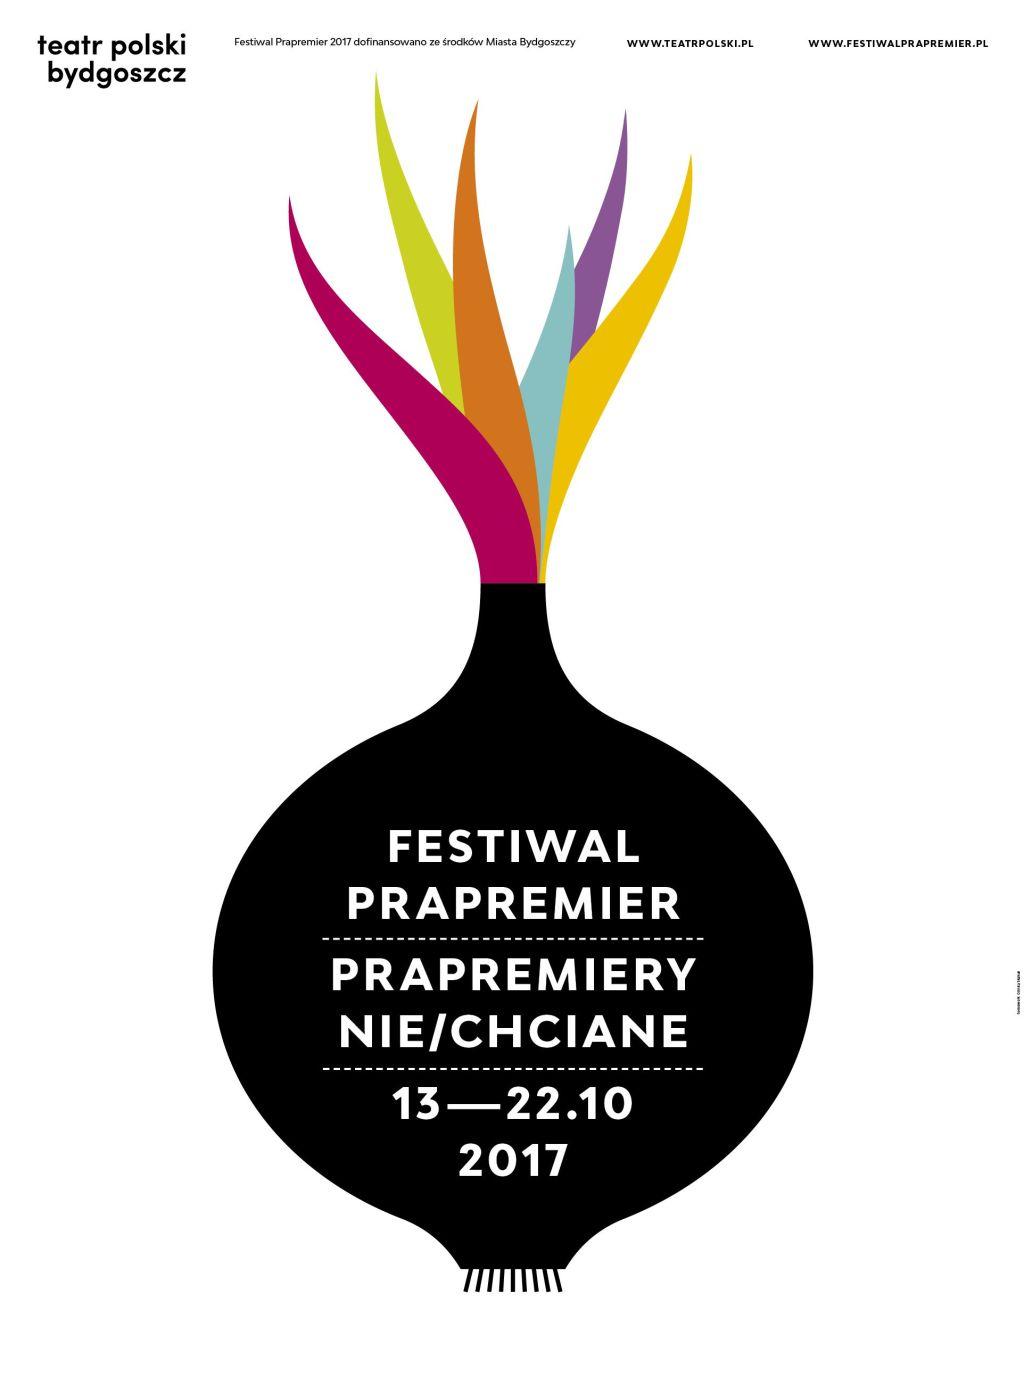 Festiwal Prapremier. Prapremiery Nie/chciane (źródło: materiały prasowe organizatora)